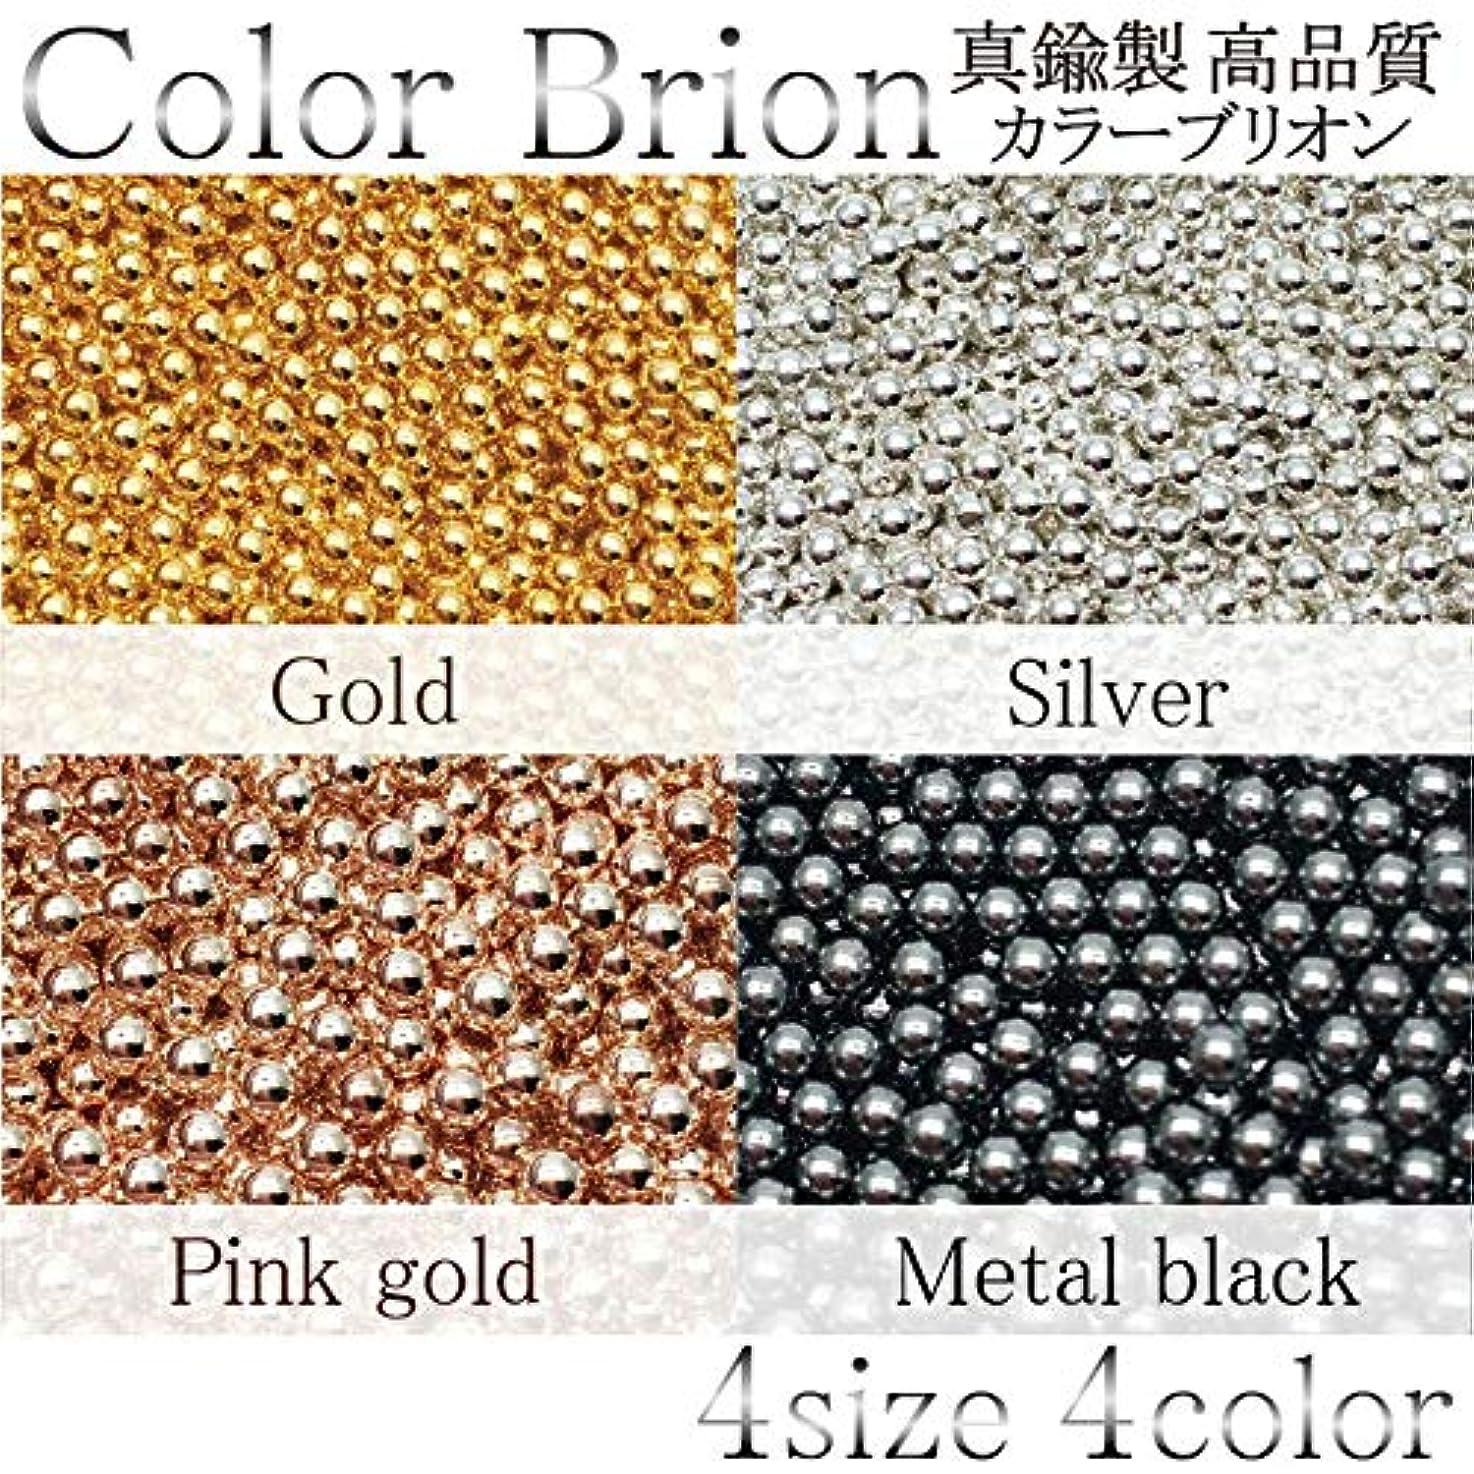 最大通り抜ける魔術師真鍮製 高品質 カラーブリオン 各種 4色 (約3mm(約6g), 2.シルバー)